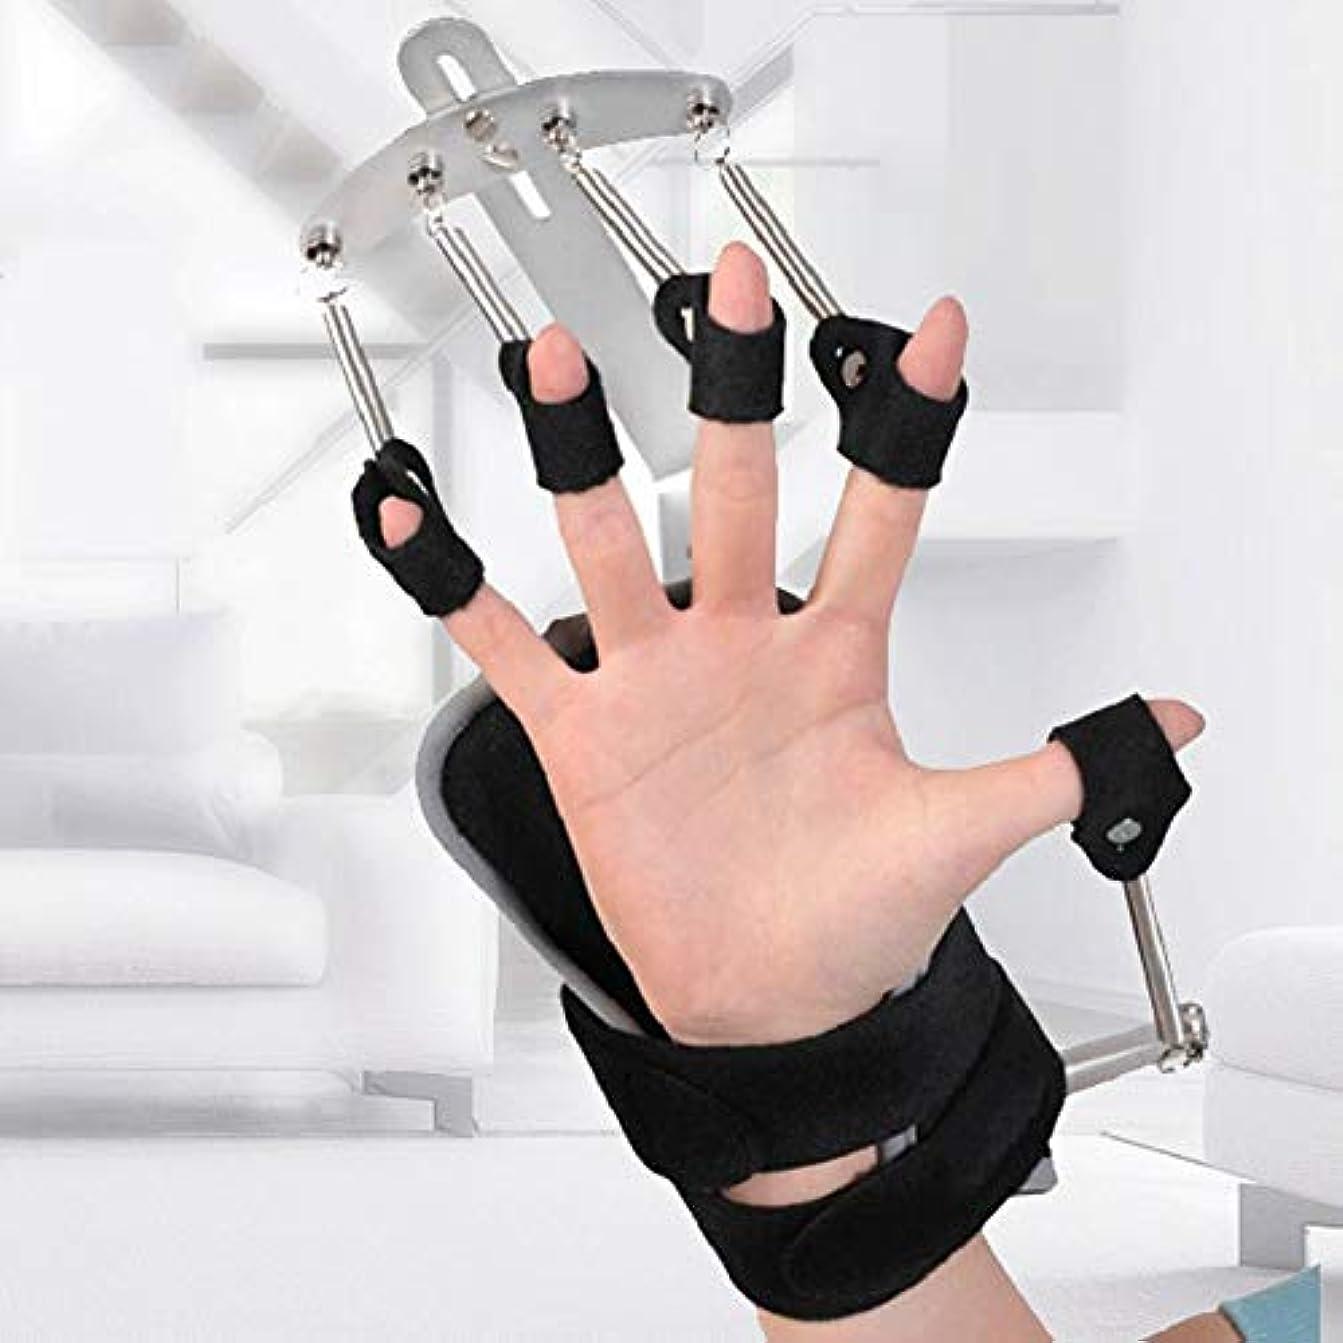 サンダー寛大な動機脳卒中片麻痺患者のあこがれ演習の修理のためにリハビリテーションインソールを、指、インソールポイントマニュアル手首トレーニング装具機器ブレース